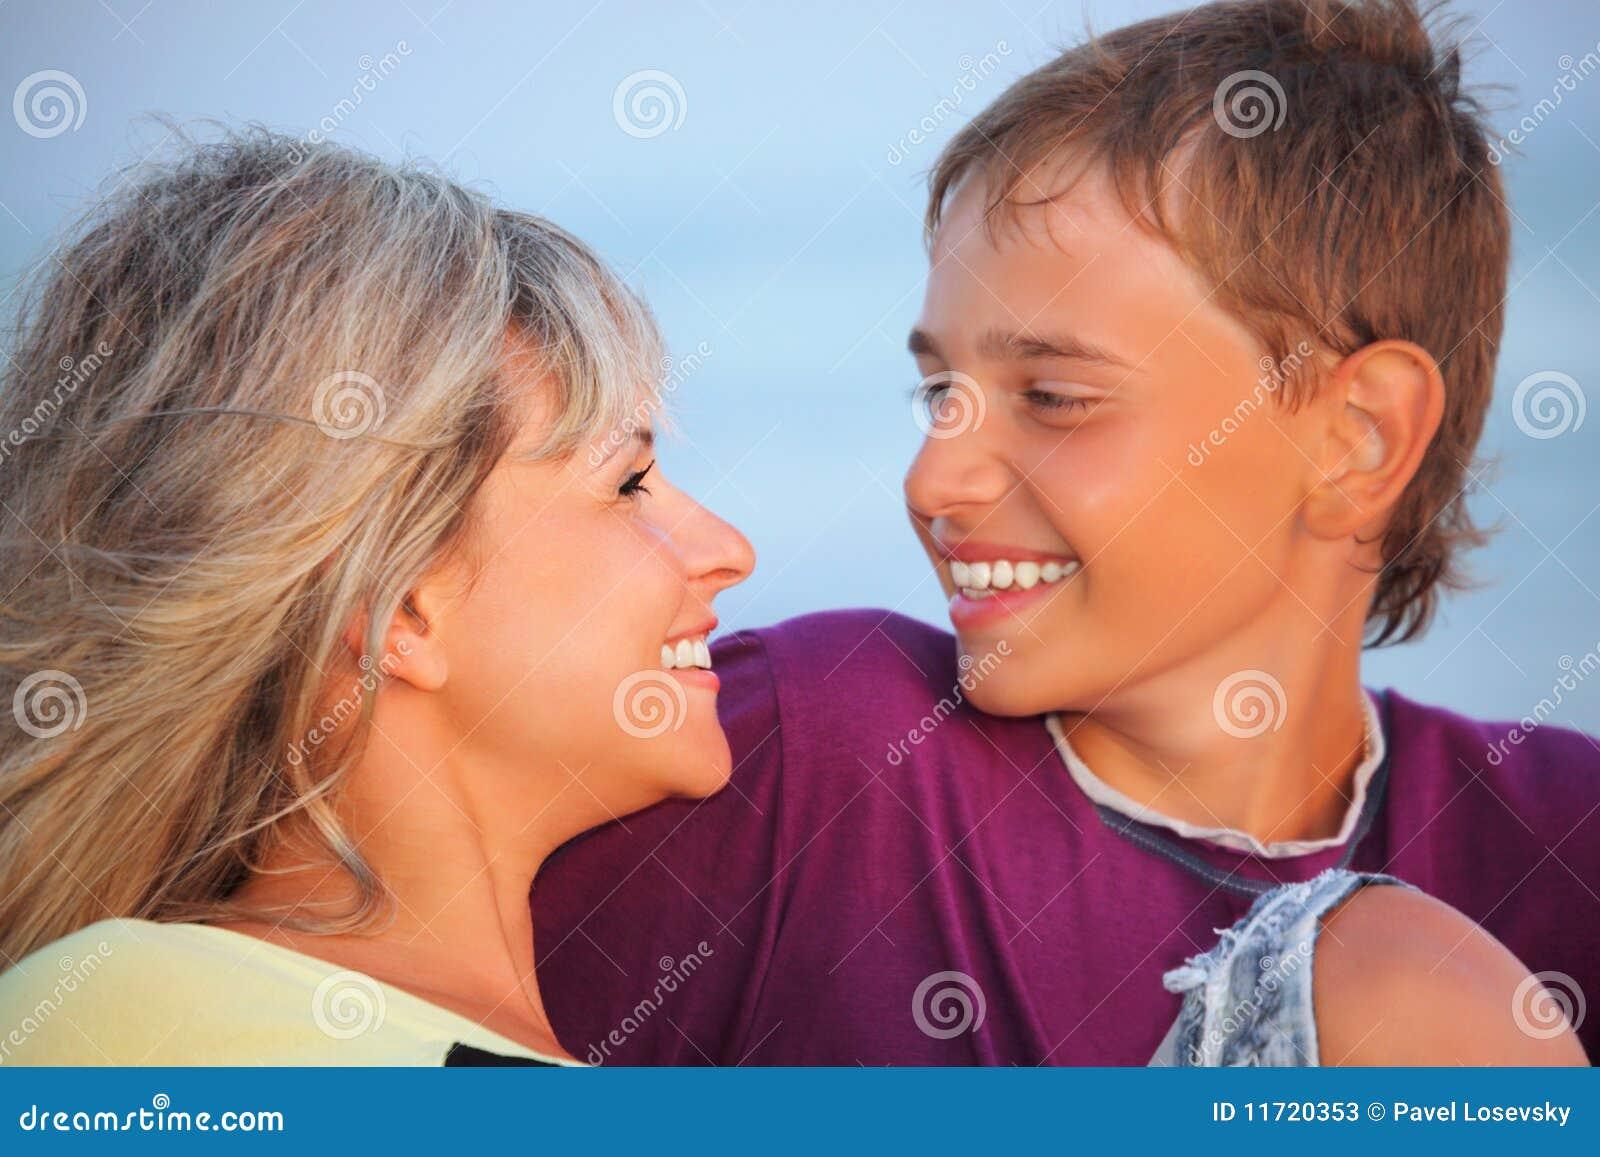 Родная мать возбудила сына секс, Роскошно сын ебет мать и вливает ей сперму в нежный 24 фотография